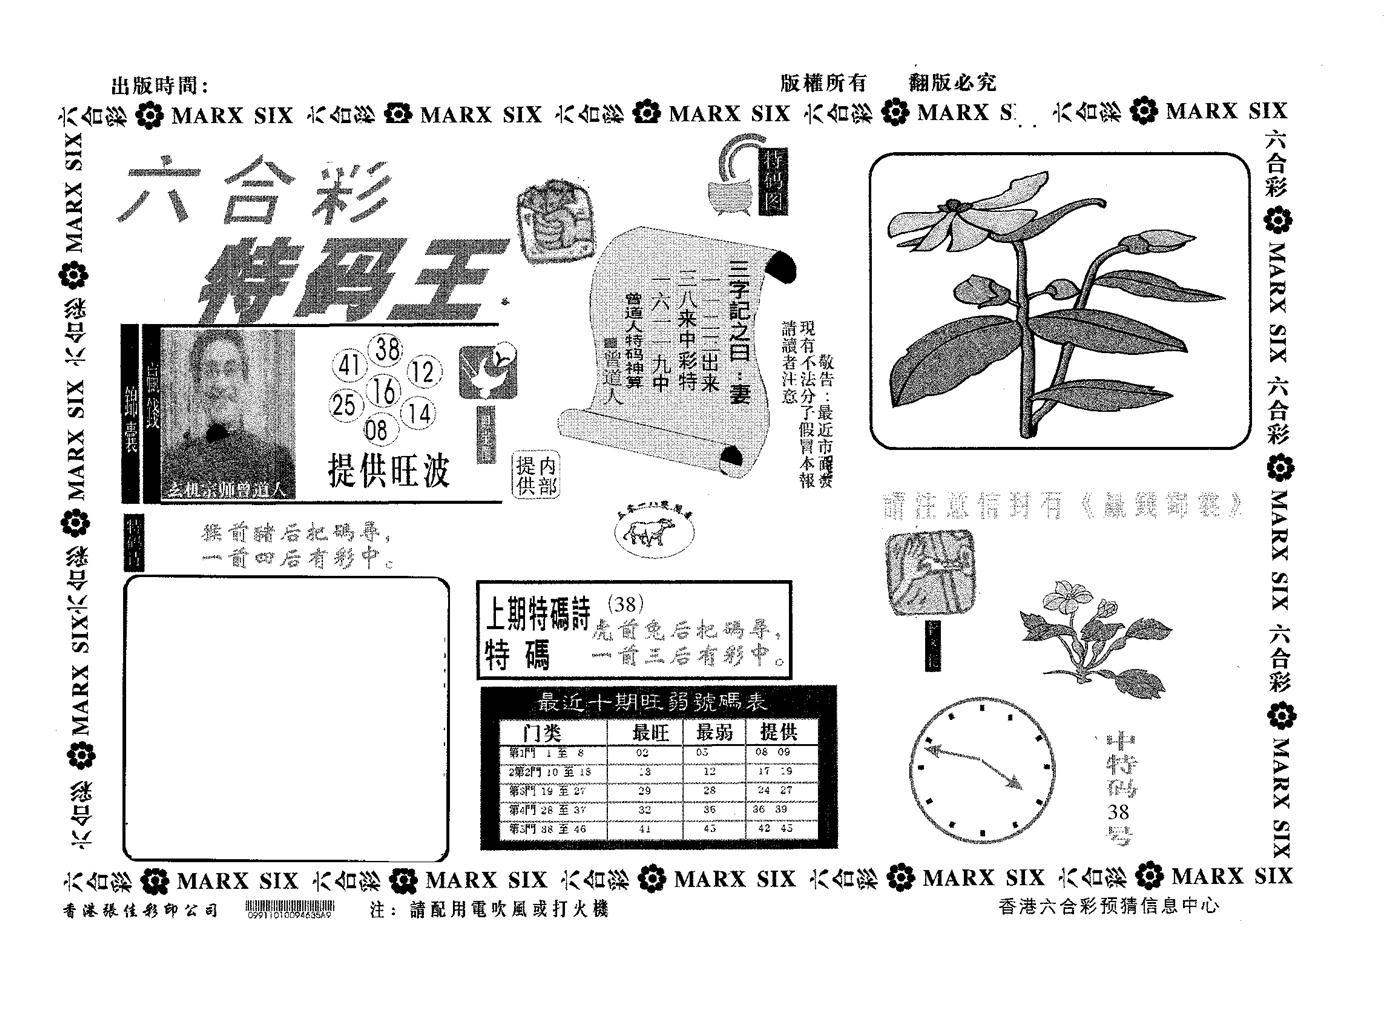 060期特码王B(黑白)